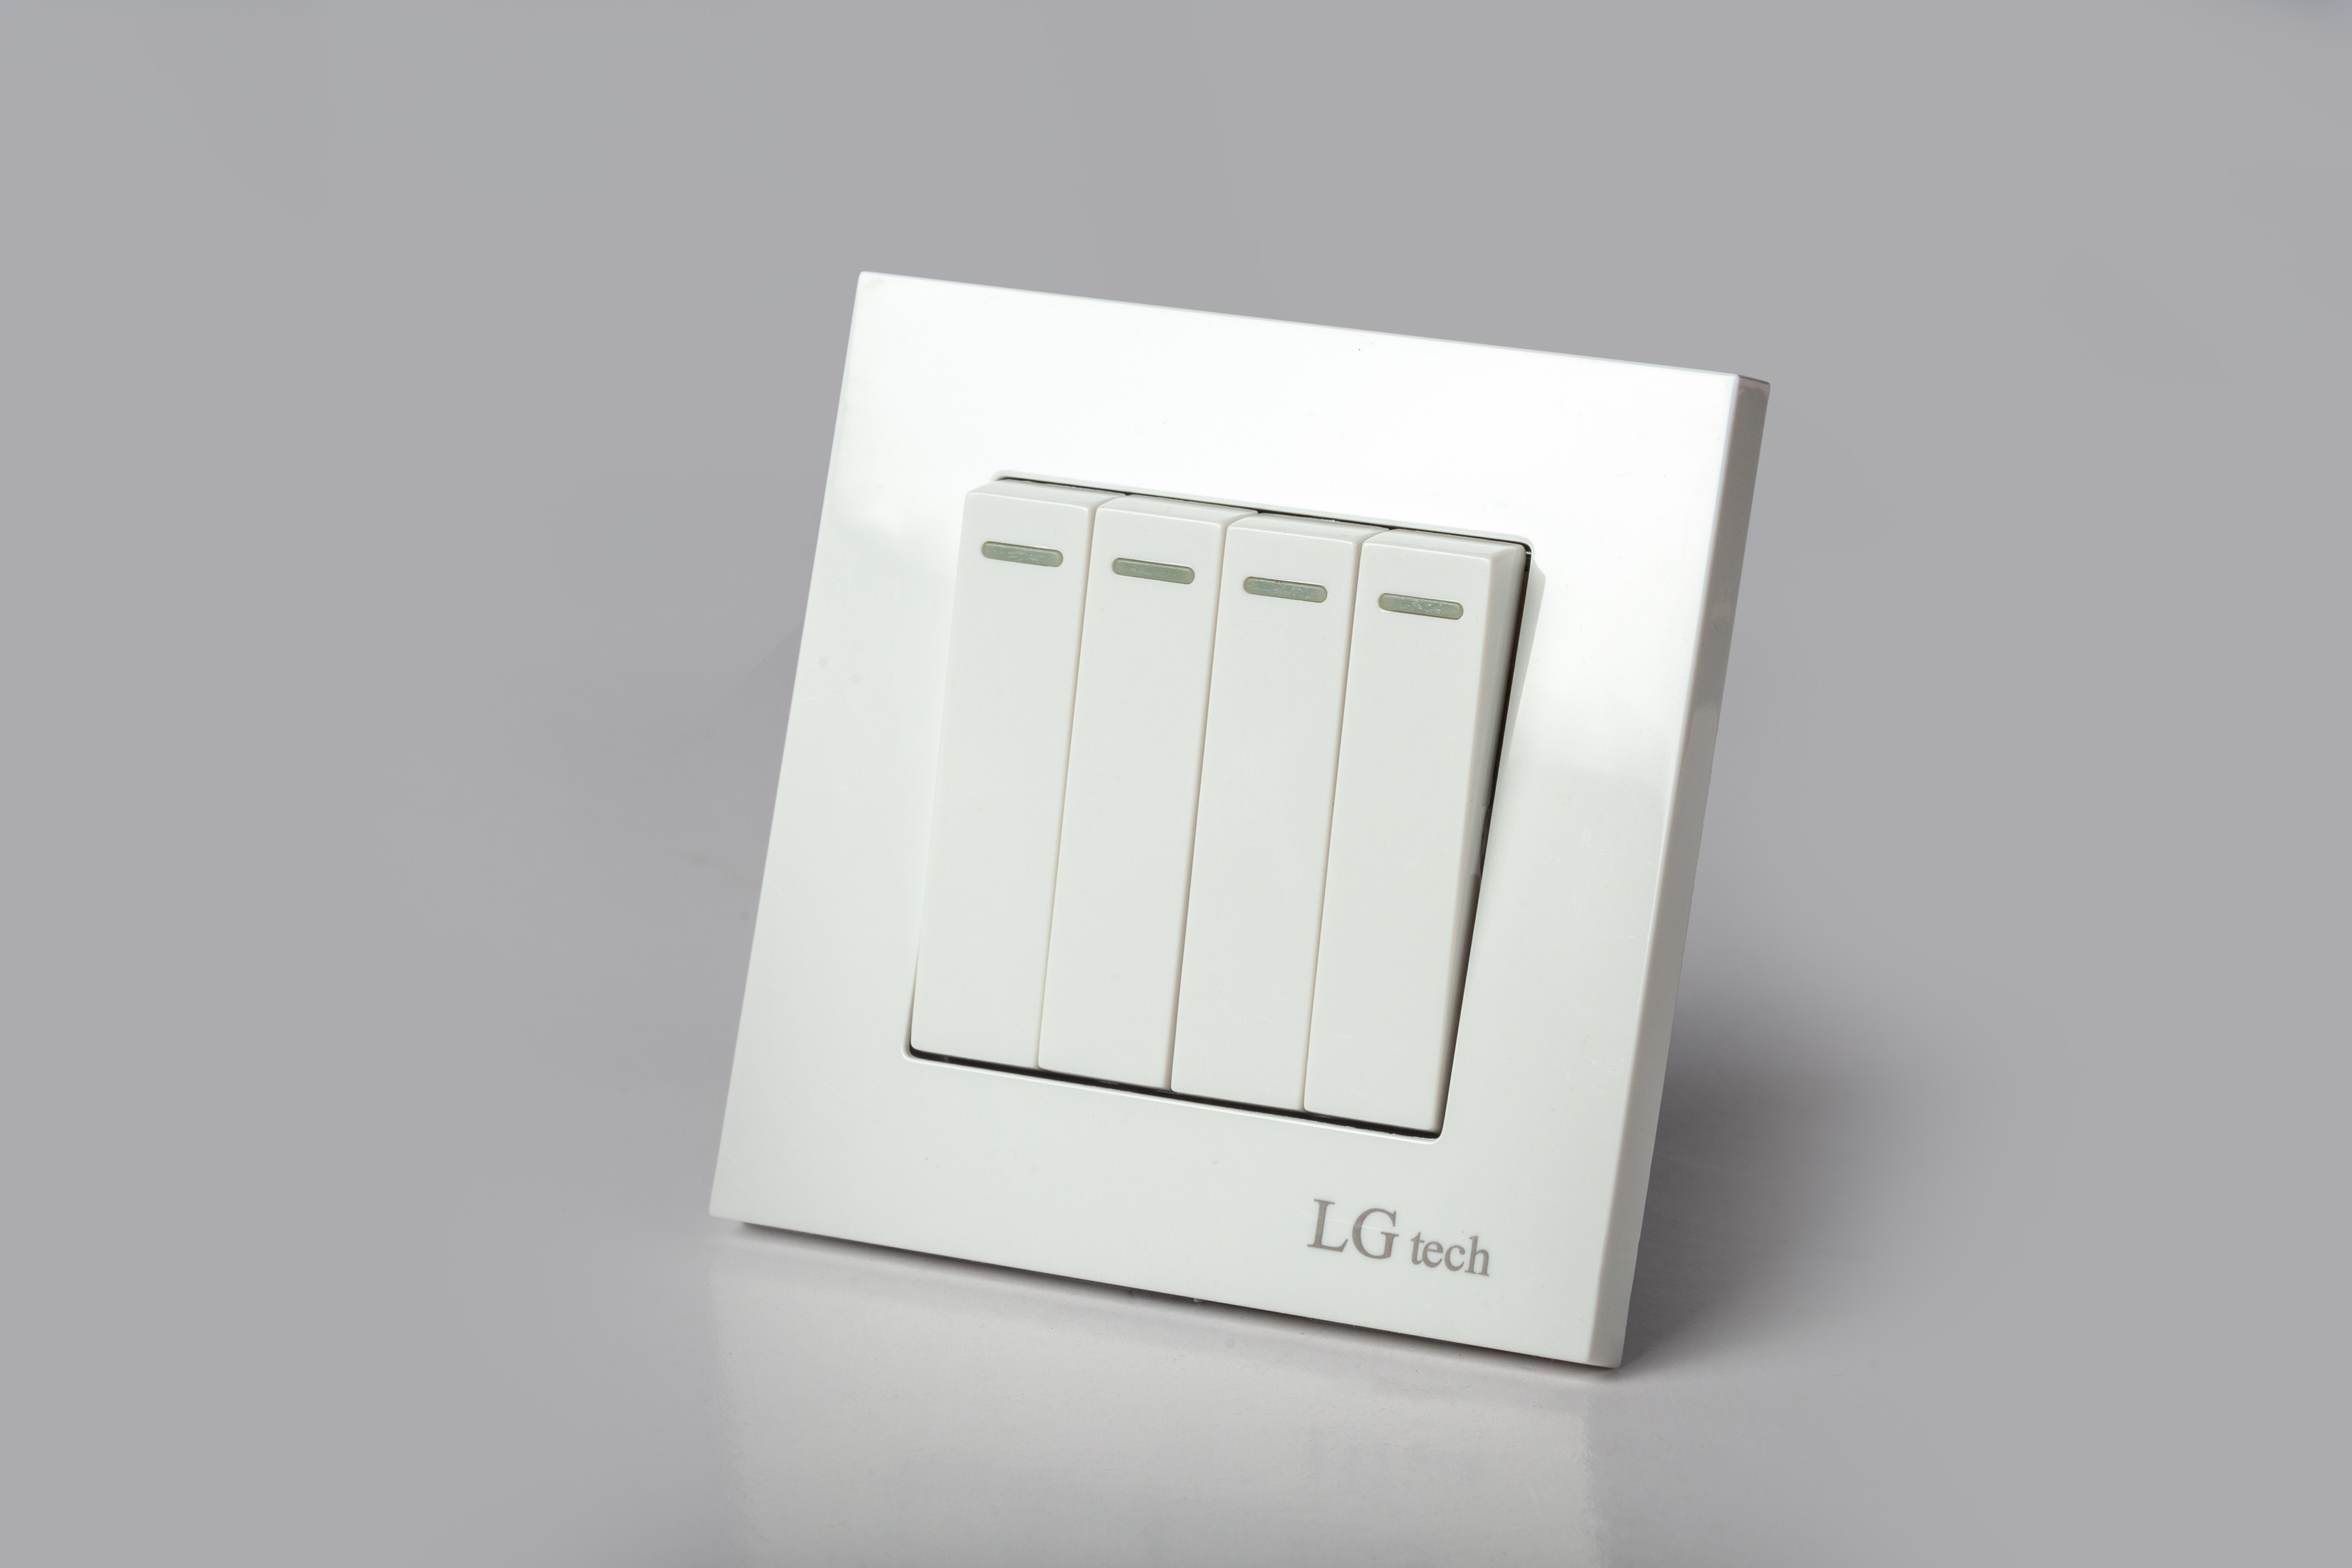 Công tắc đèn điện âm tường 4 nút có đèn led nhựa tráng kèm đế âm cao cấp LG-F21-004 - Hàng Chính Hãng